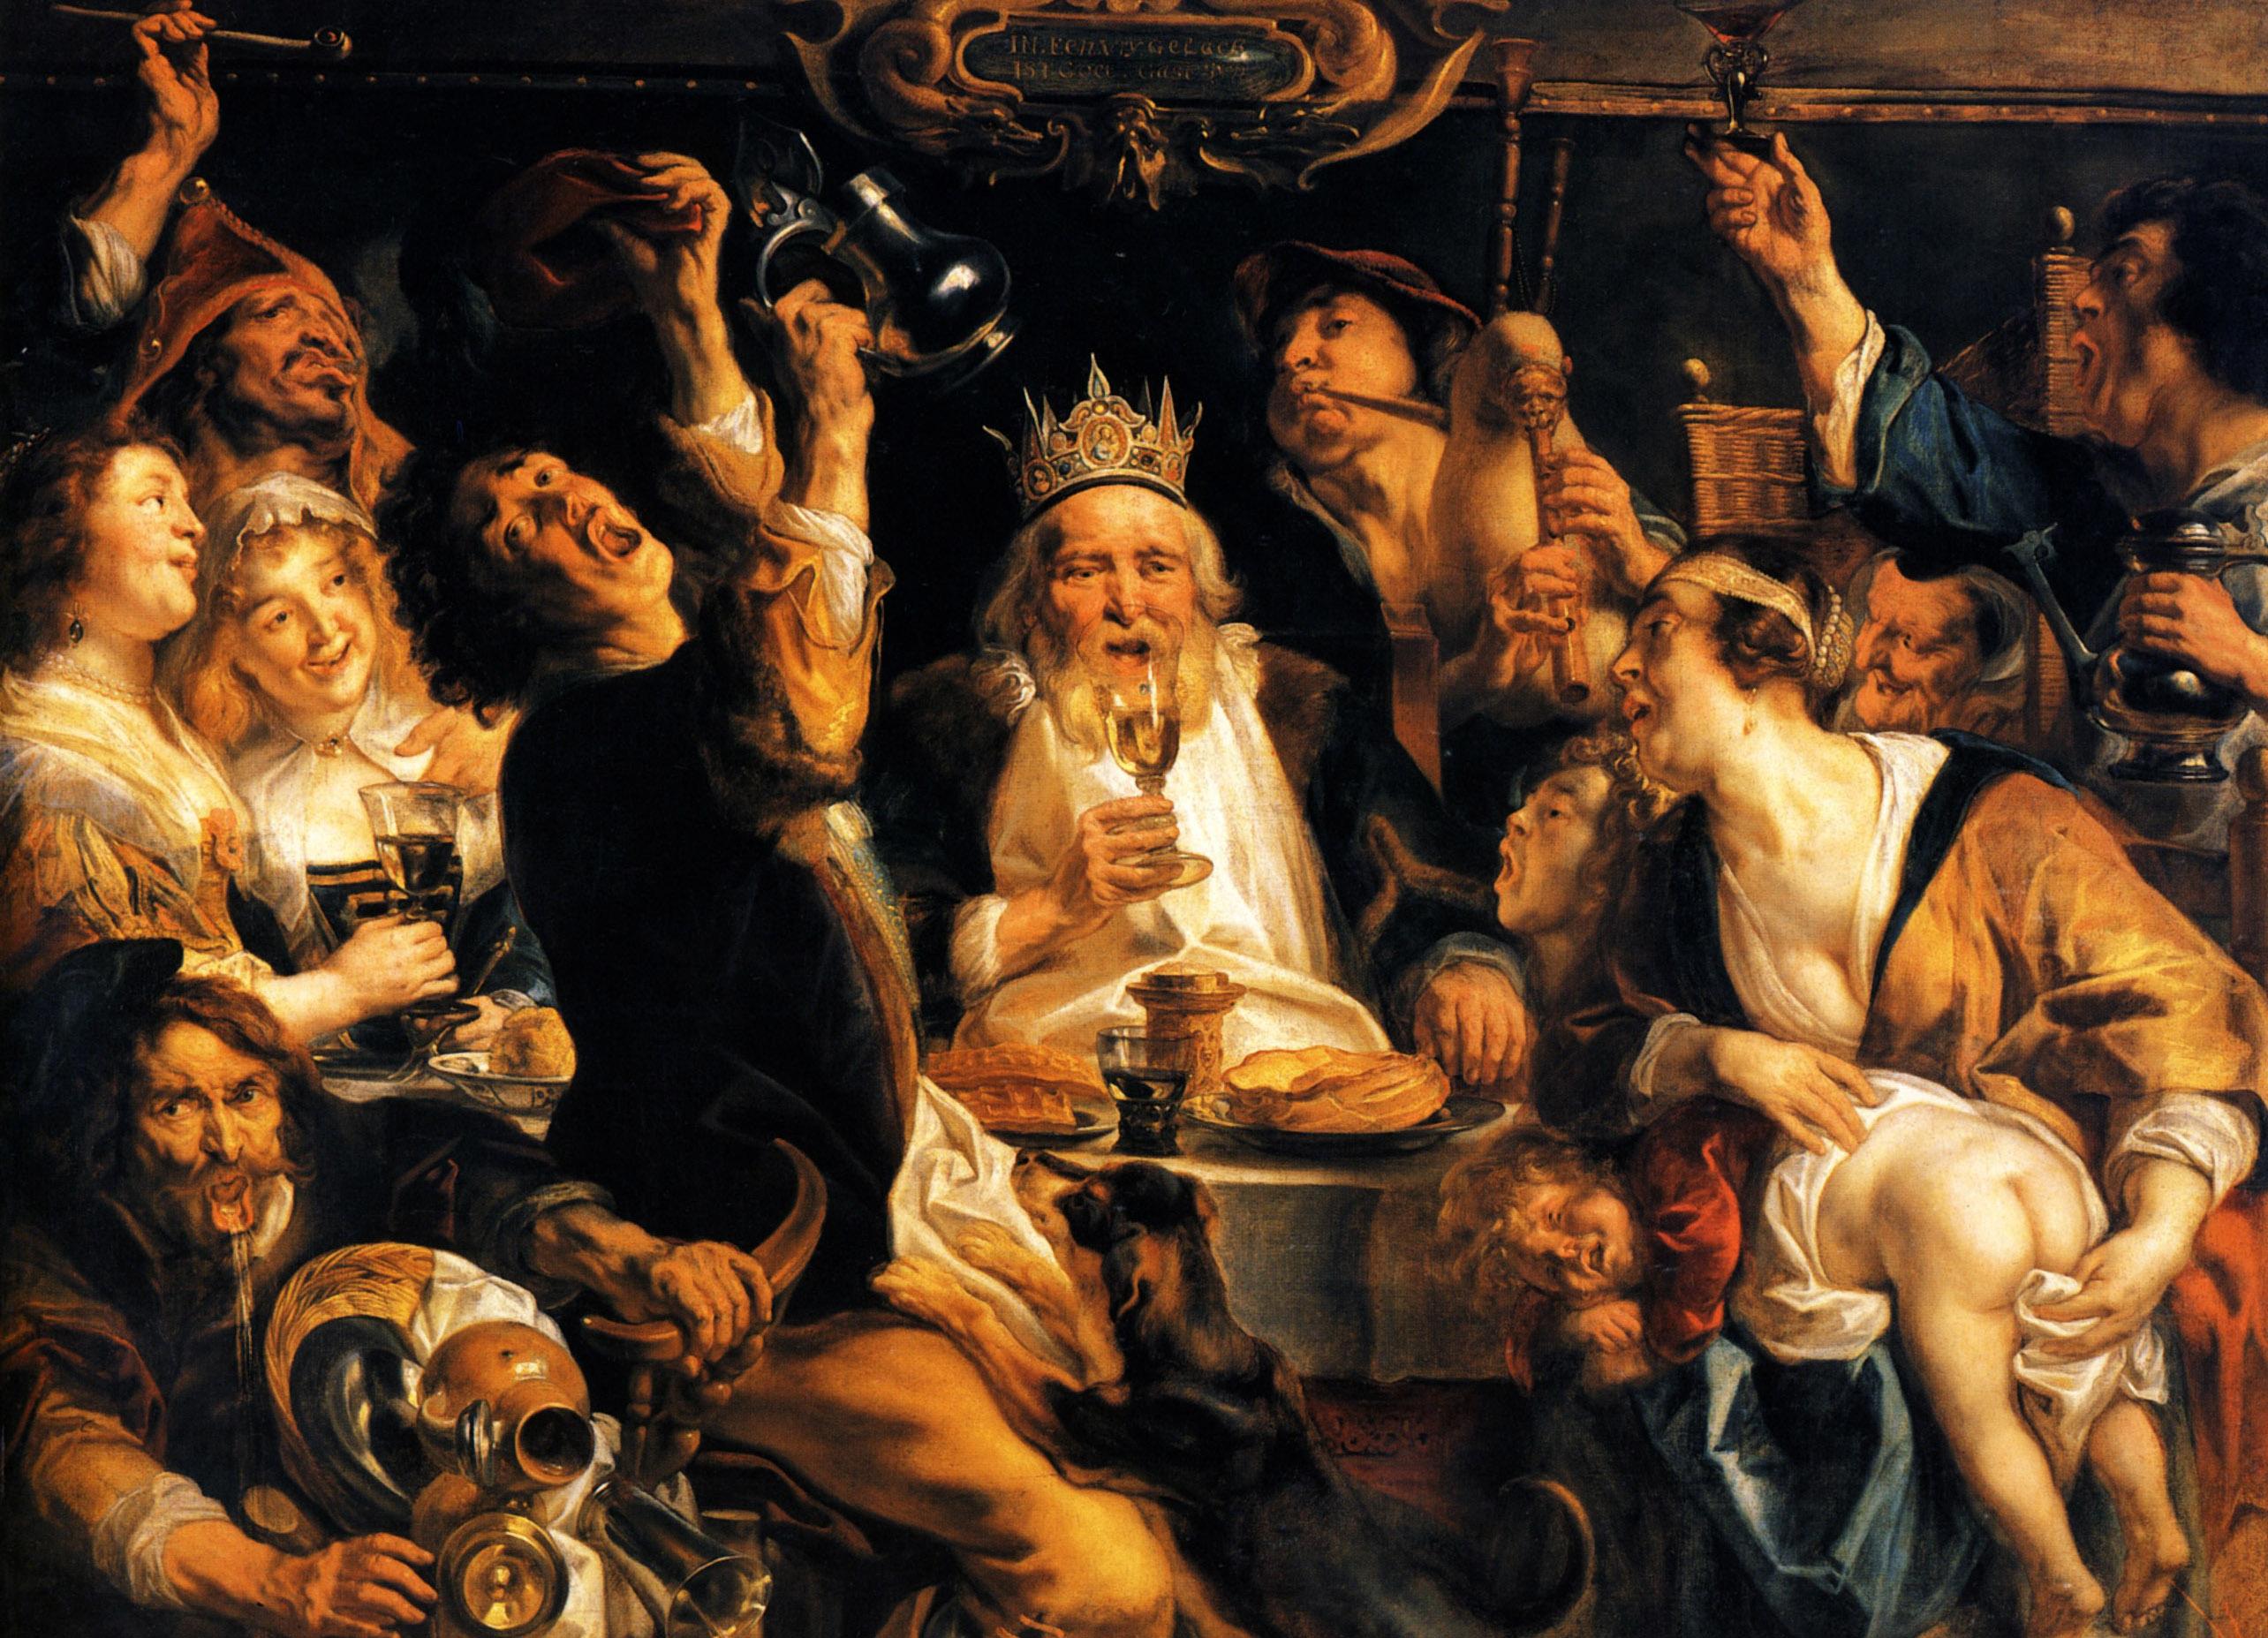 King Drinks, 1640 - Jacob Jordaens - WikiArt.org